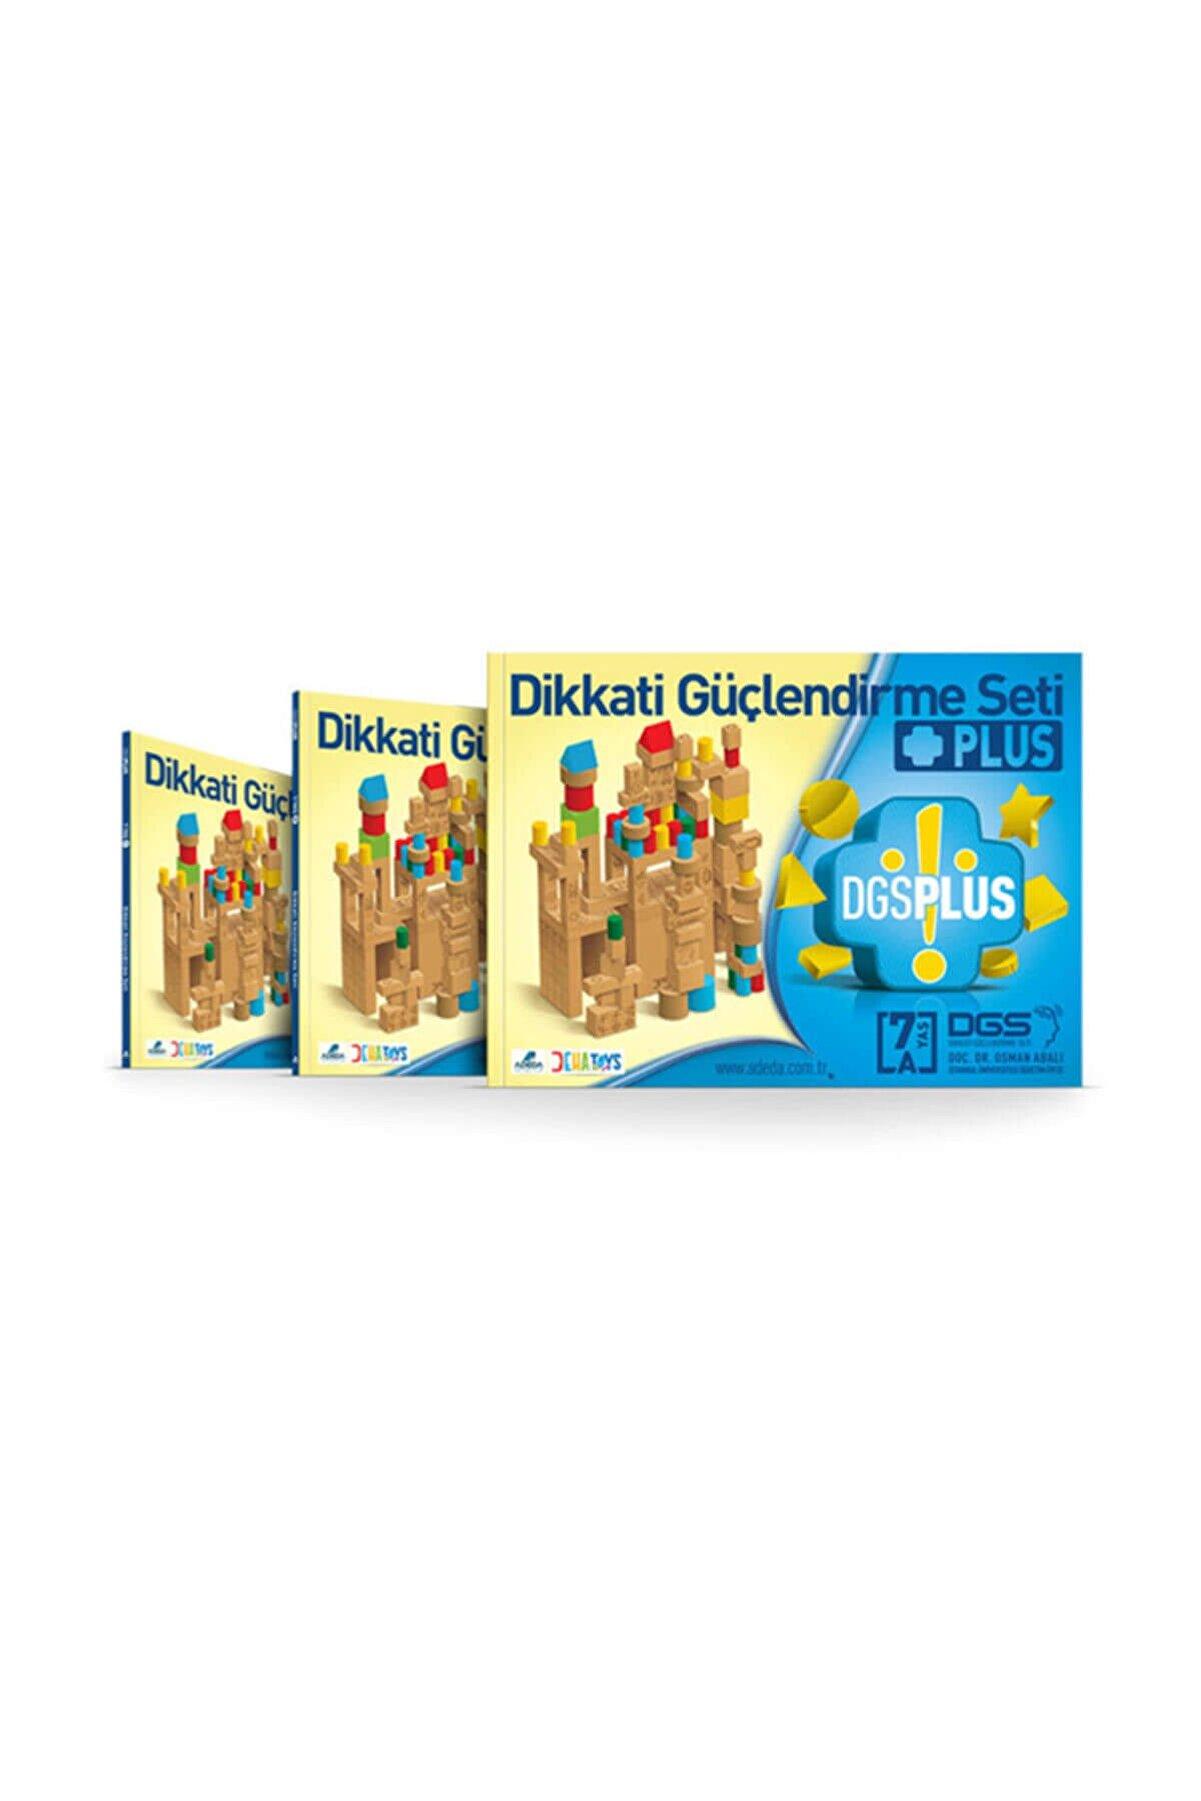 Adeda Yayınları Dikkati Güçlendirme Seti Plus 7 Yaş Materyalsiz 3 Kitap